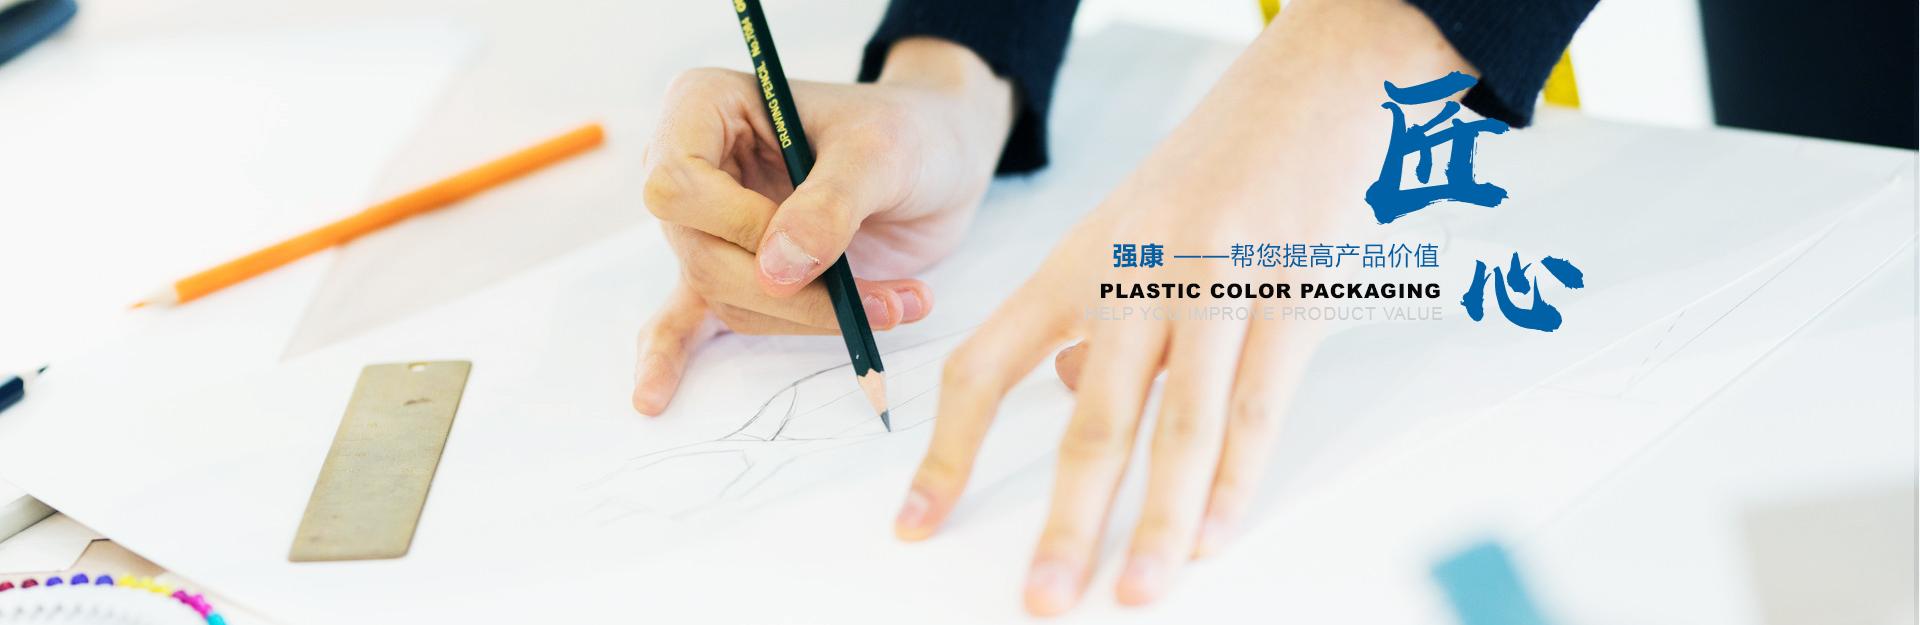 广西万博手机登录网页版彩印